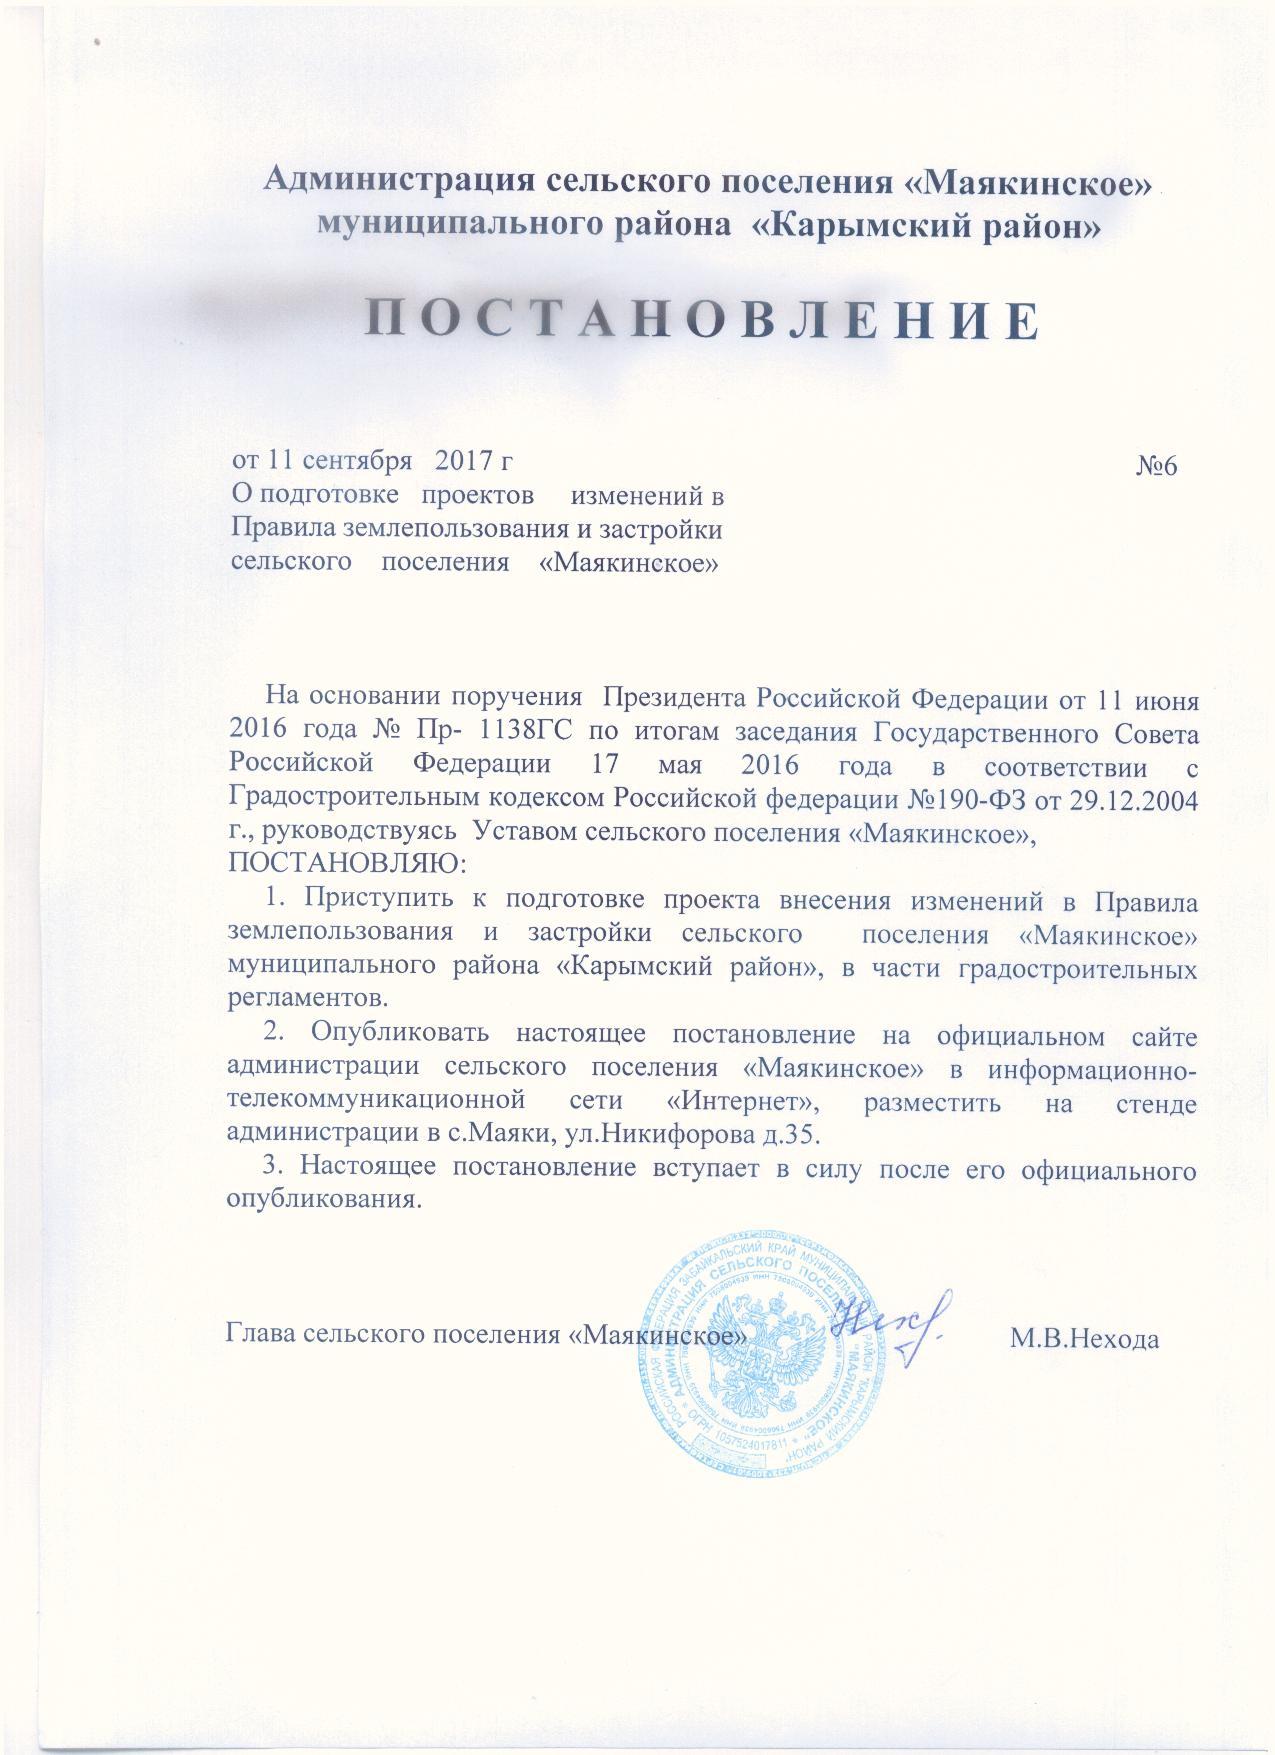 сп Маякинское внес изм в ПЗЗ